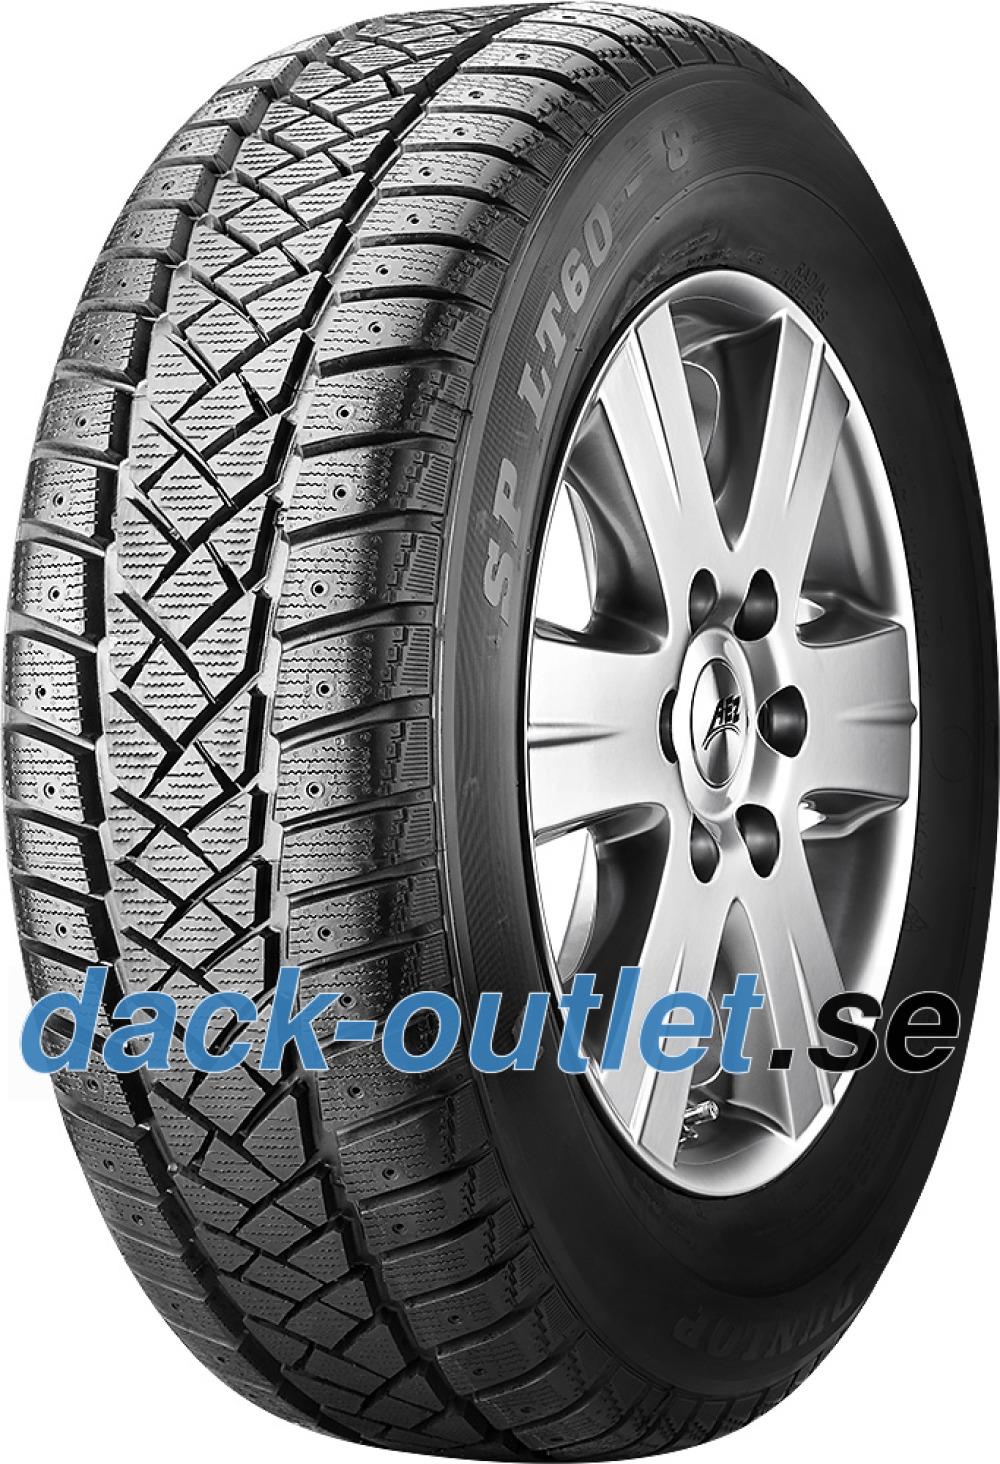 Dunlop SP LT 60 ( 205/65 R15C 102/100T 6PR , Kan dubbas  )